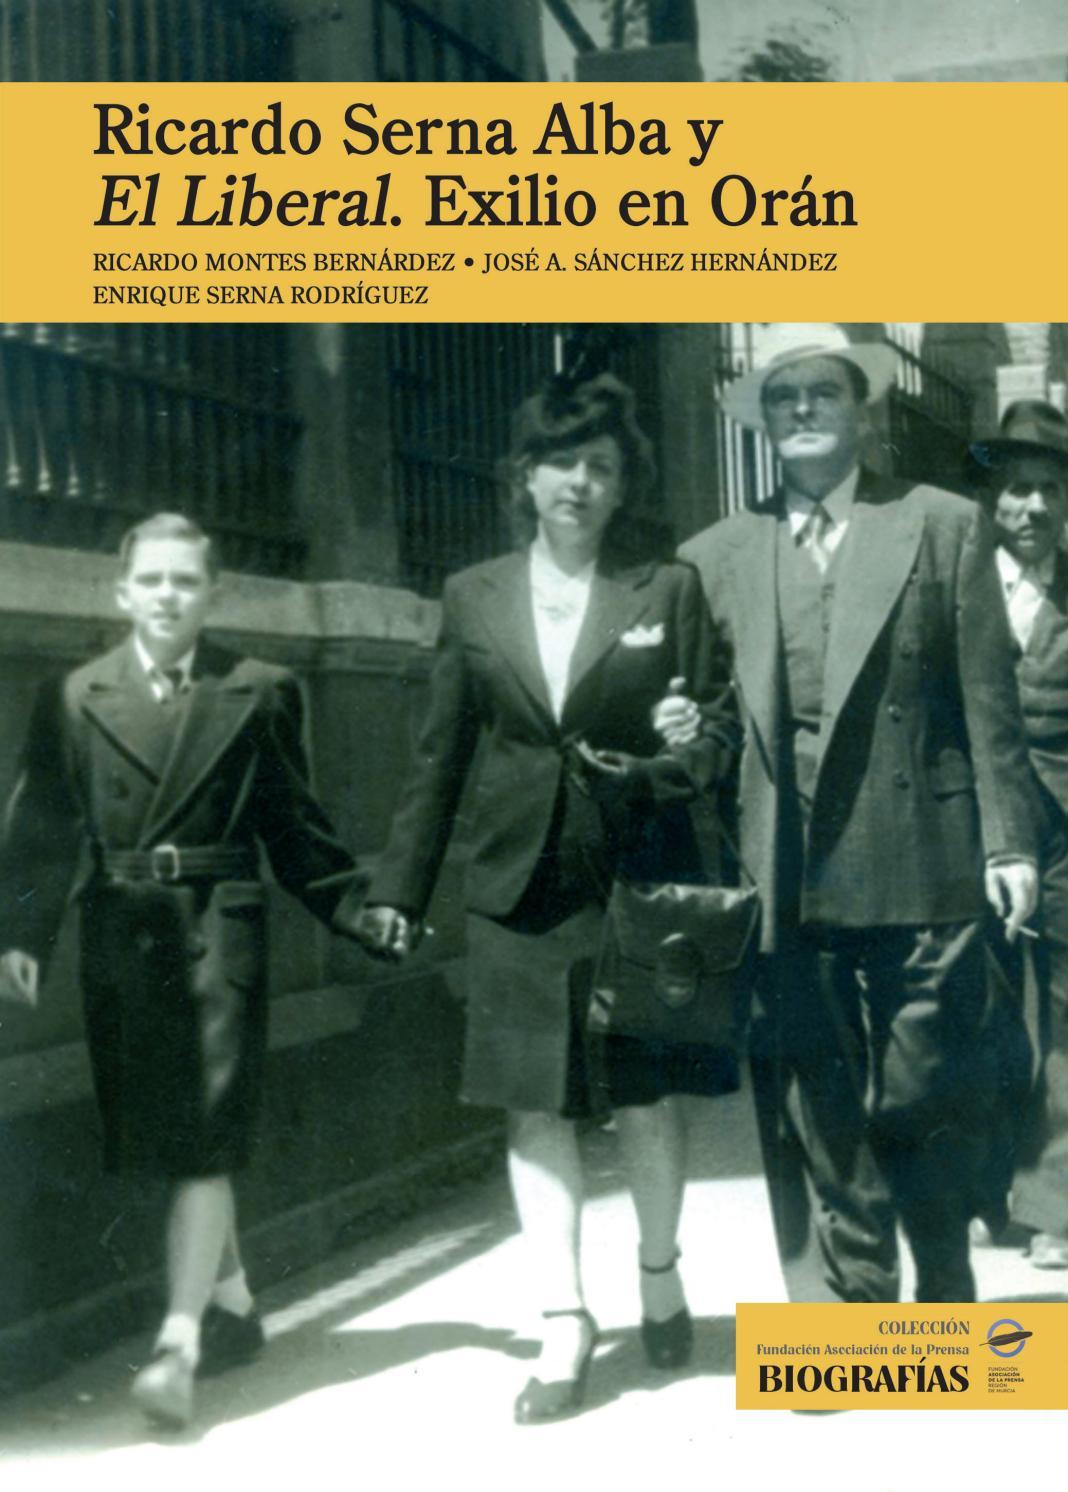 Ricardo Serna Alba Y El Liberal Exilio En Or N By Colegio  # Muebles Ricardo Montes